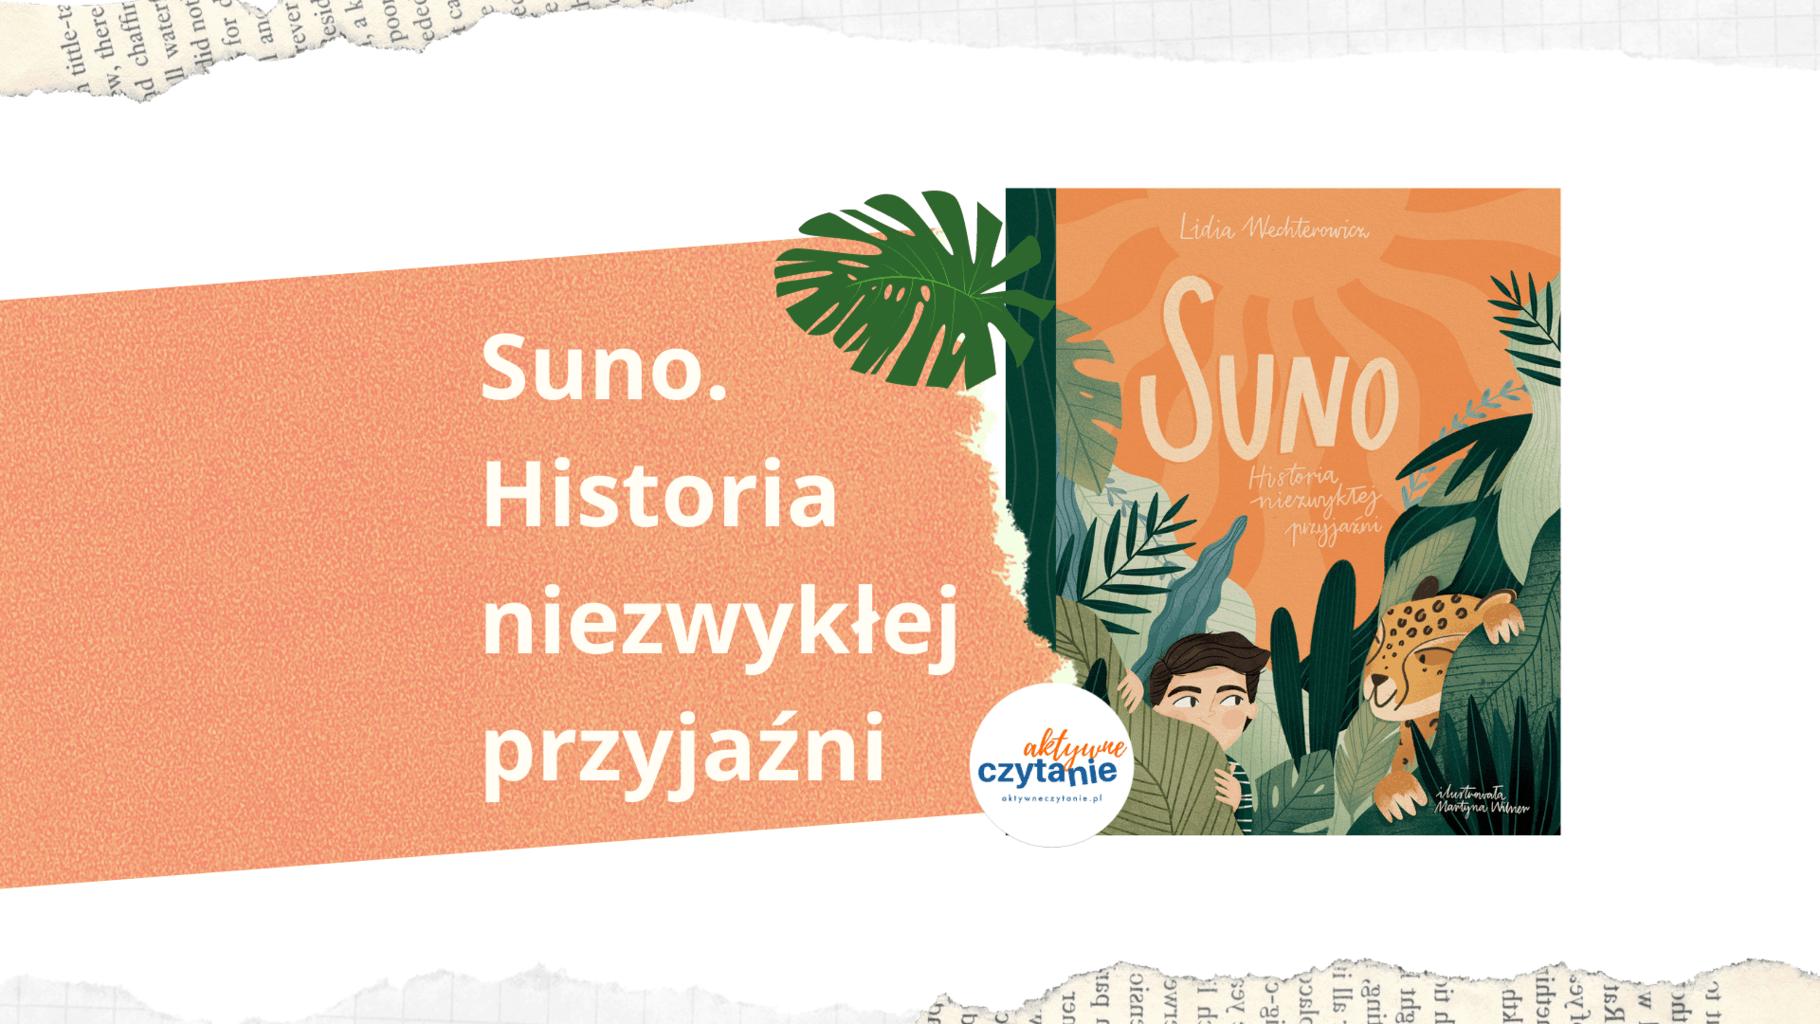 suno-historia-niezwyklej-przyjazni-recenzja